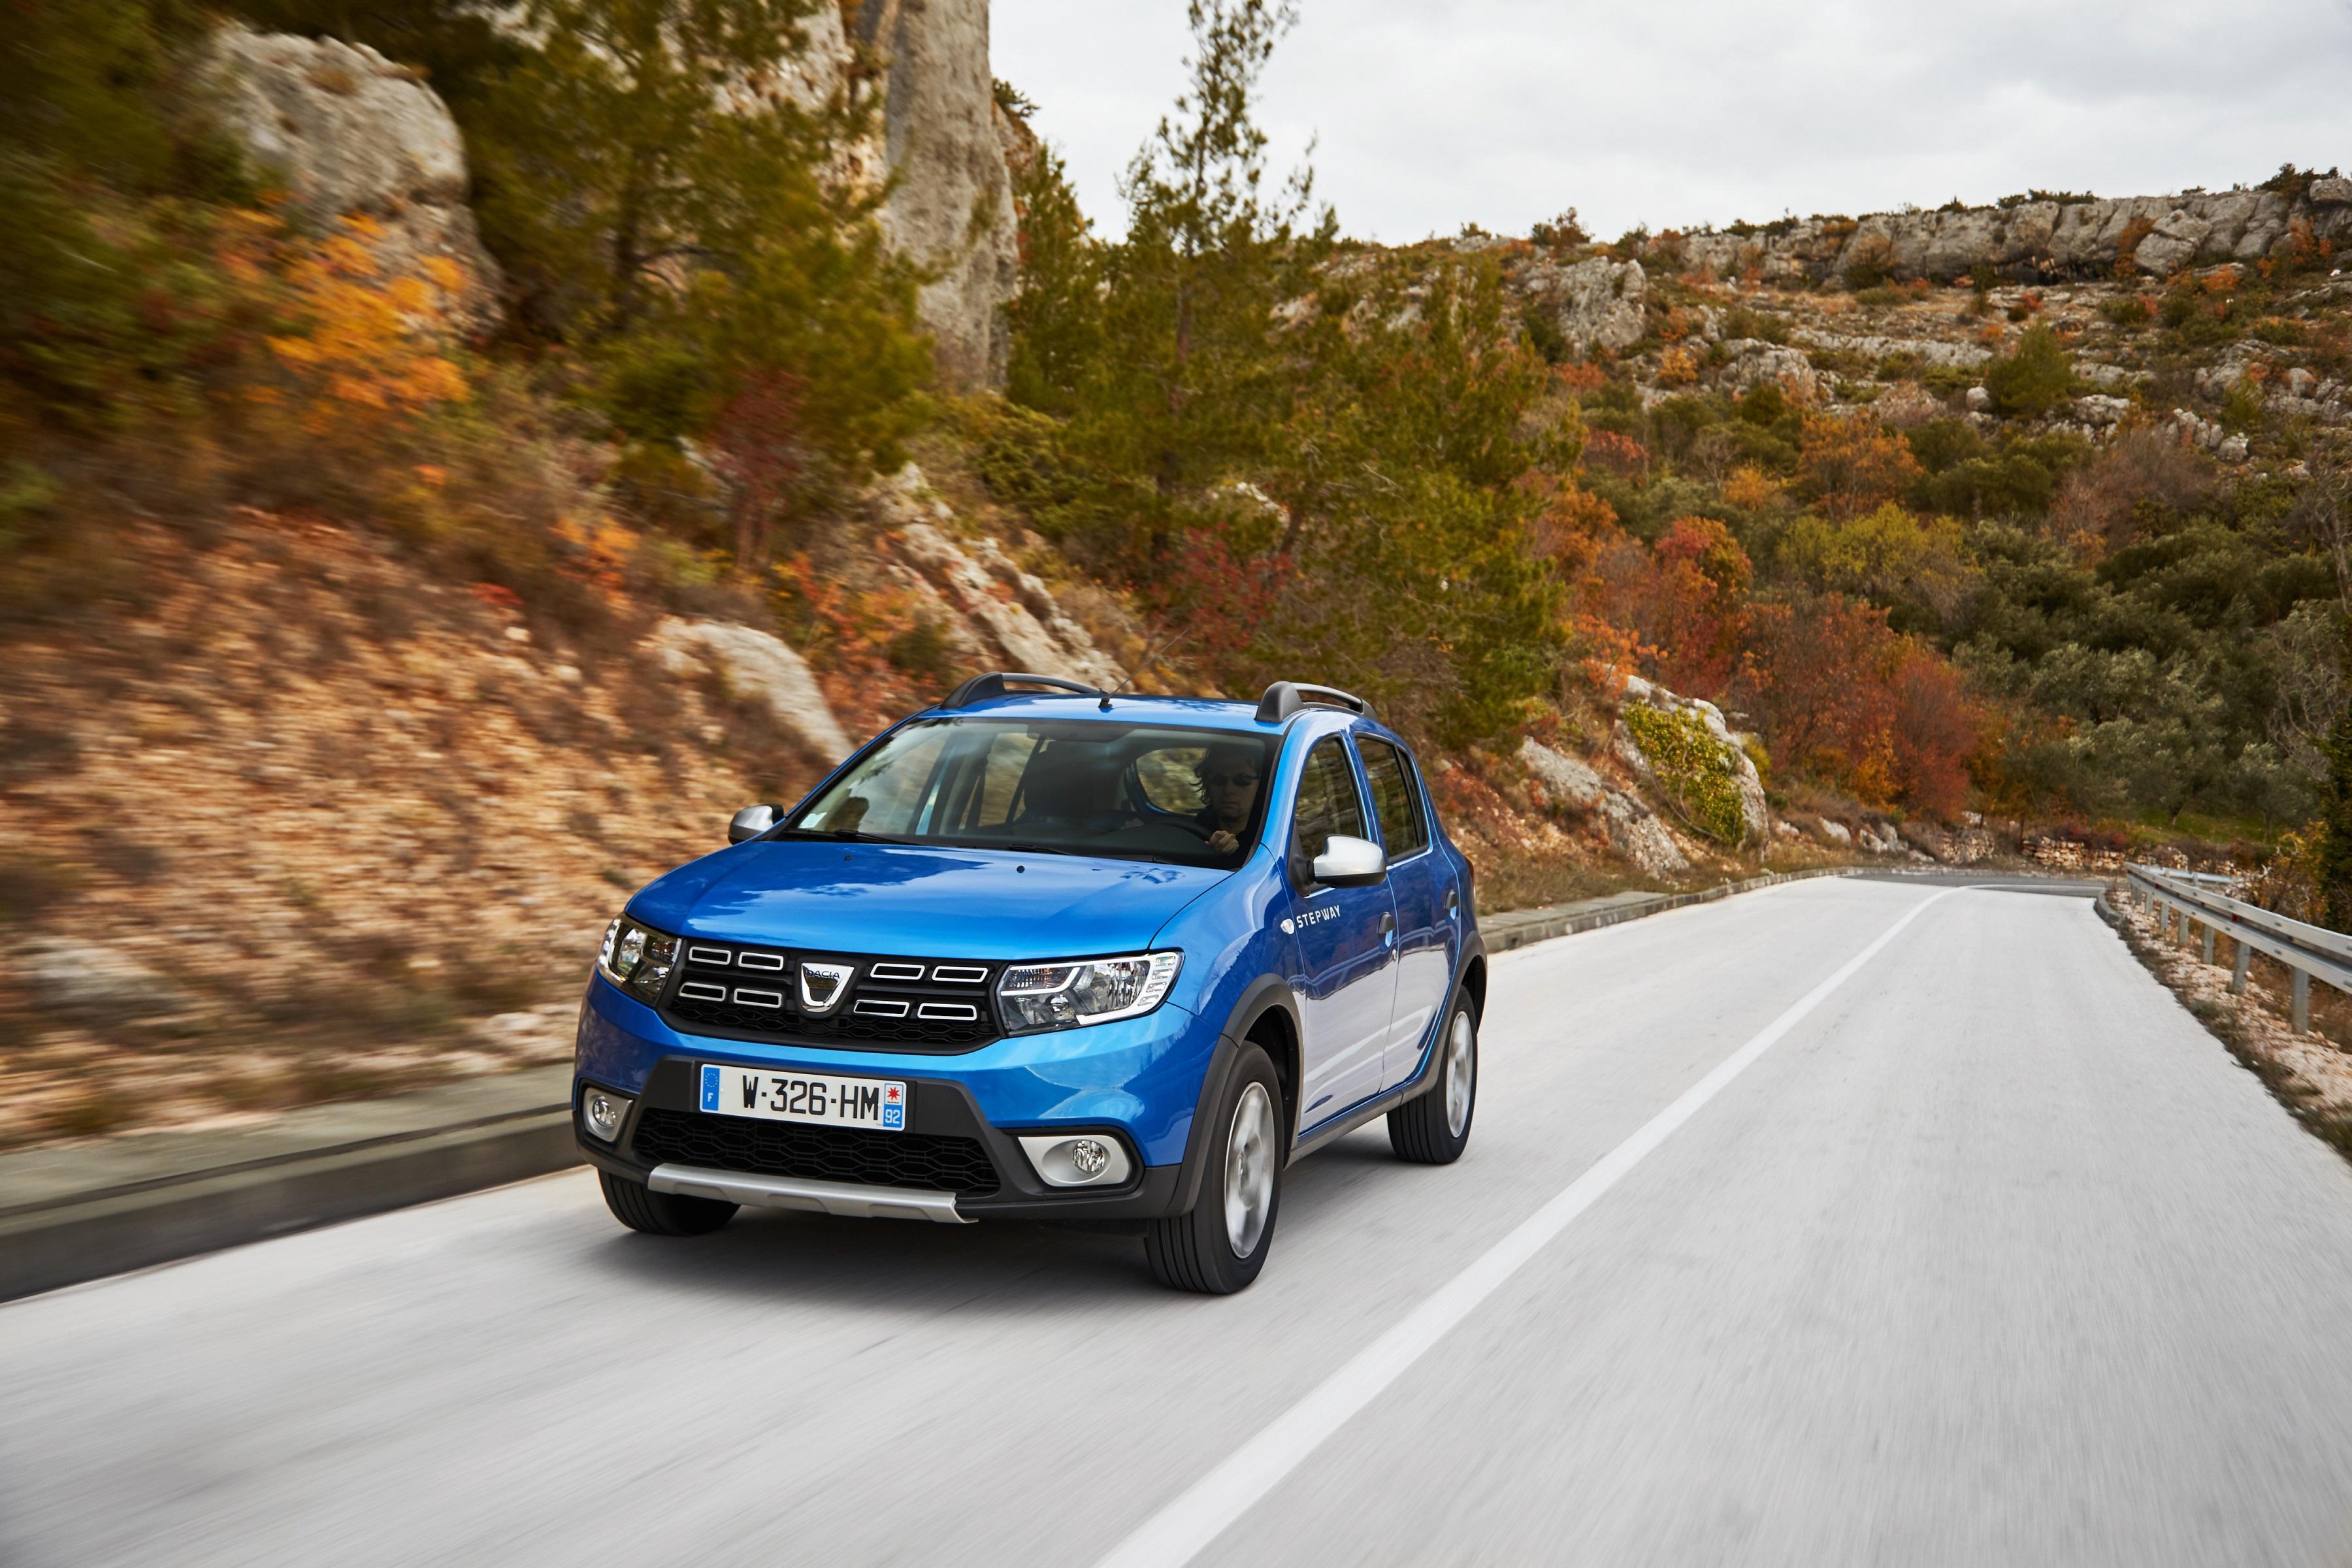 Dacia Binek Otomobil ve Ticari Araç Ocak 2018 Kampanyası